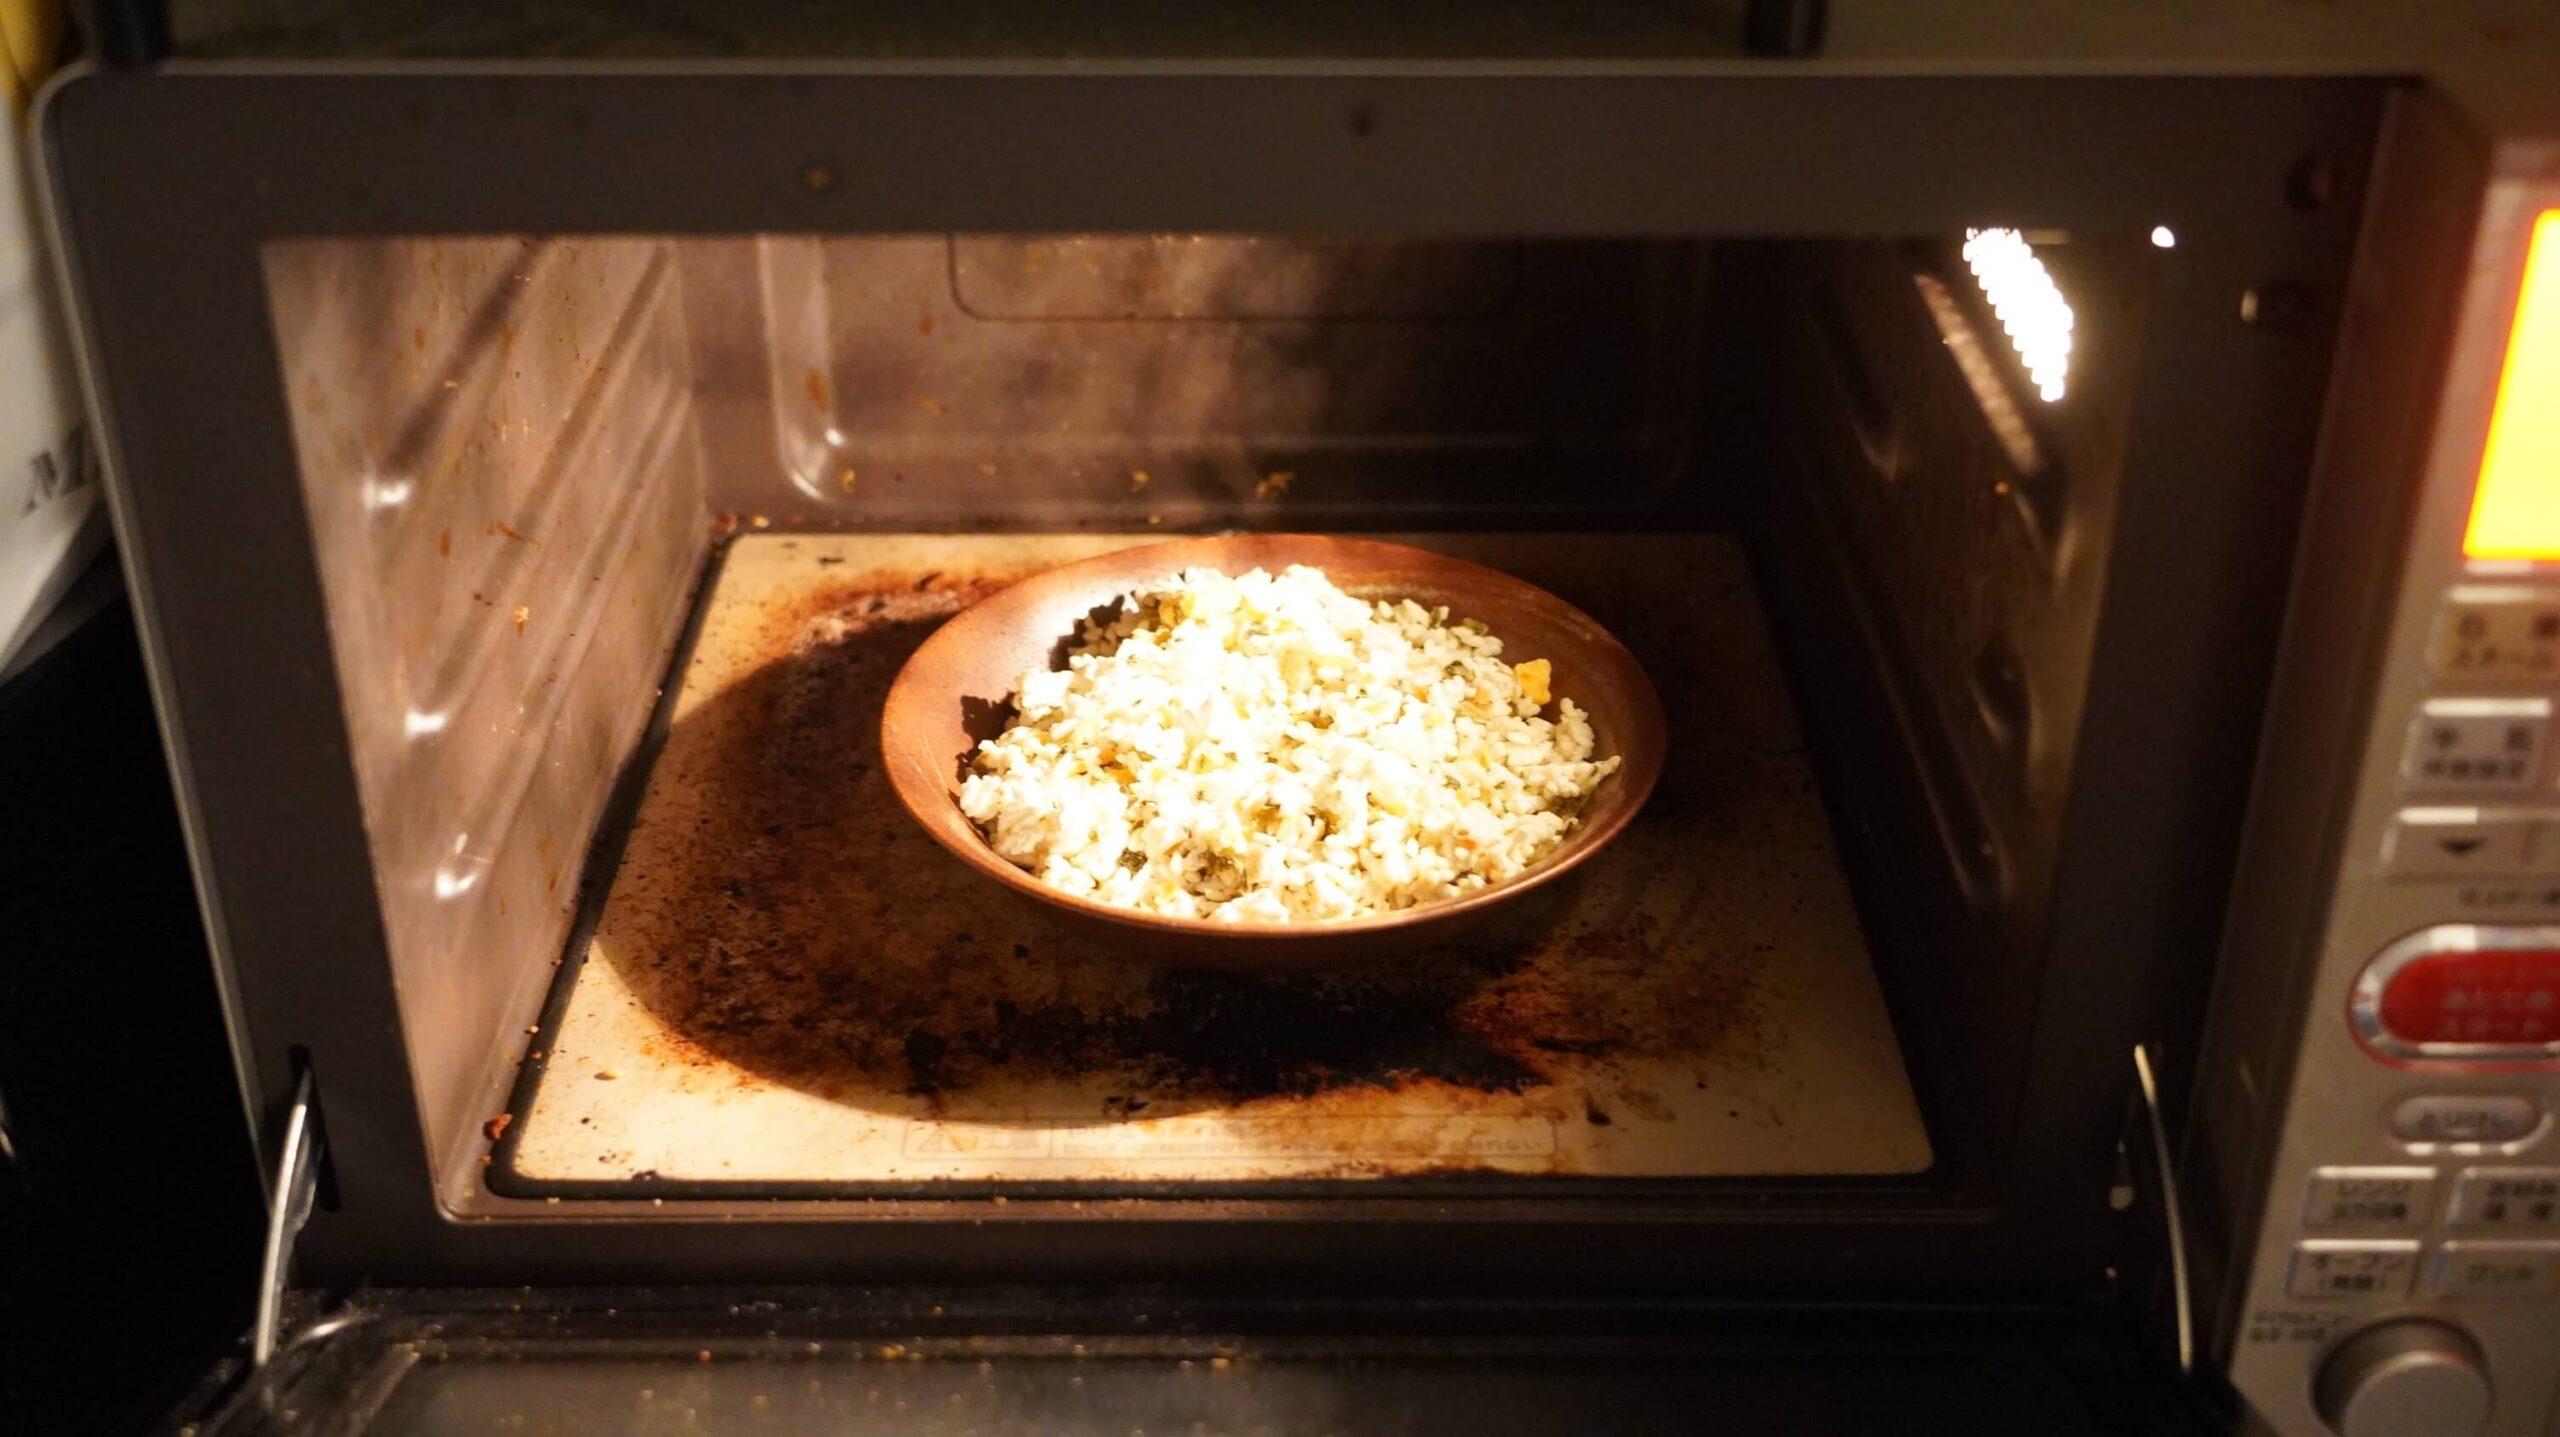 イオン(トップバリュ)の冷凍食品「高菜ピラフ」を電子レンジで加熱している写真